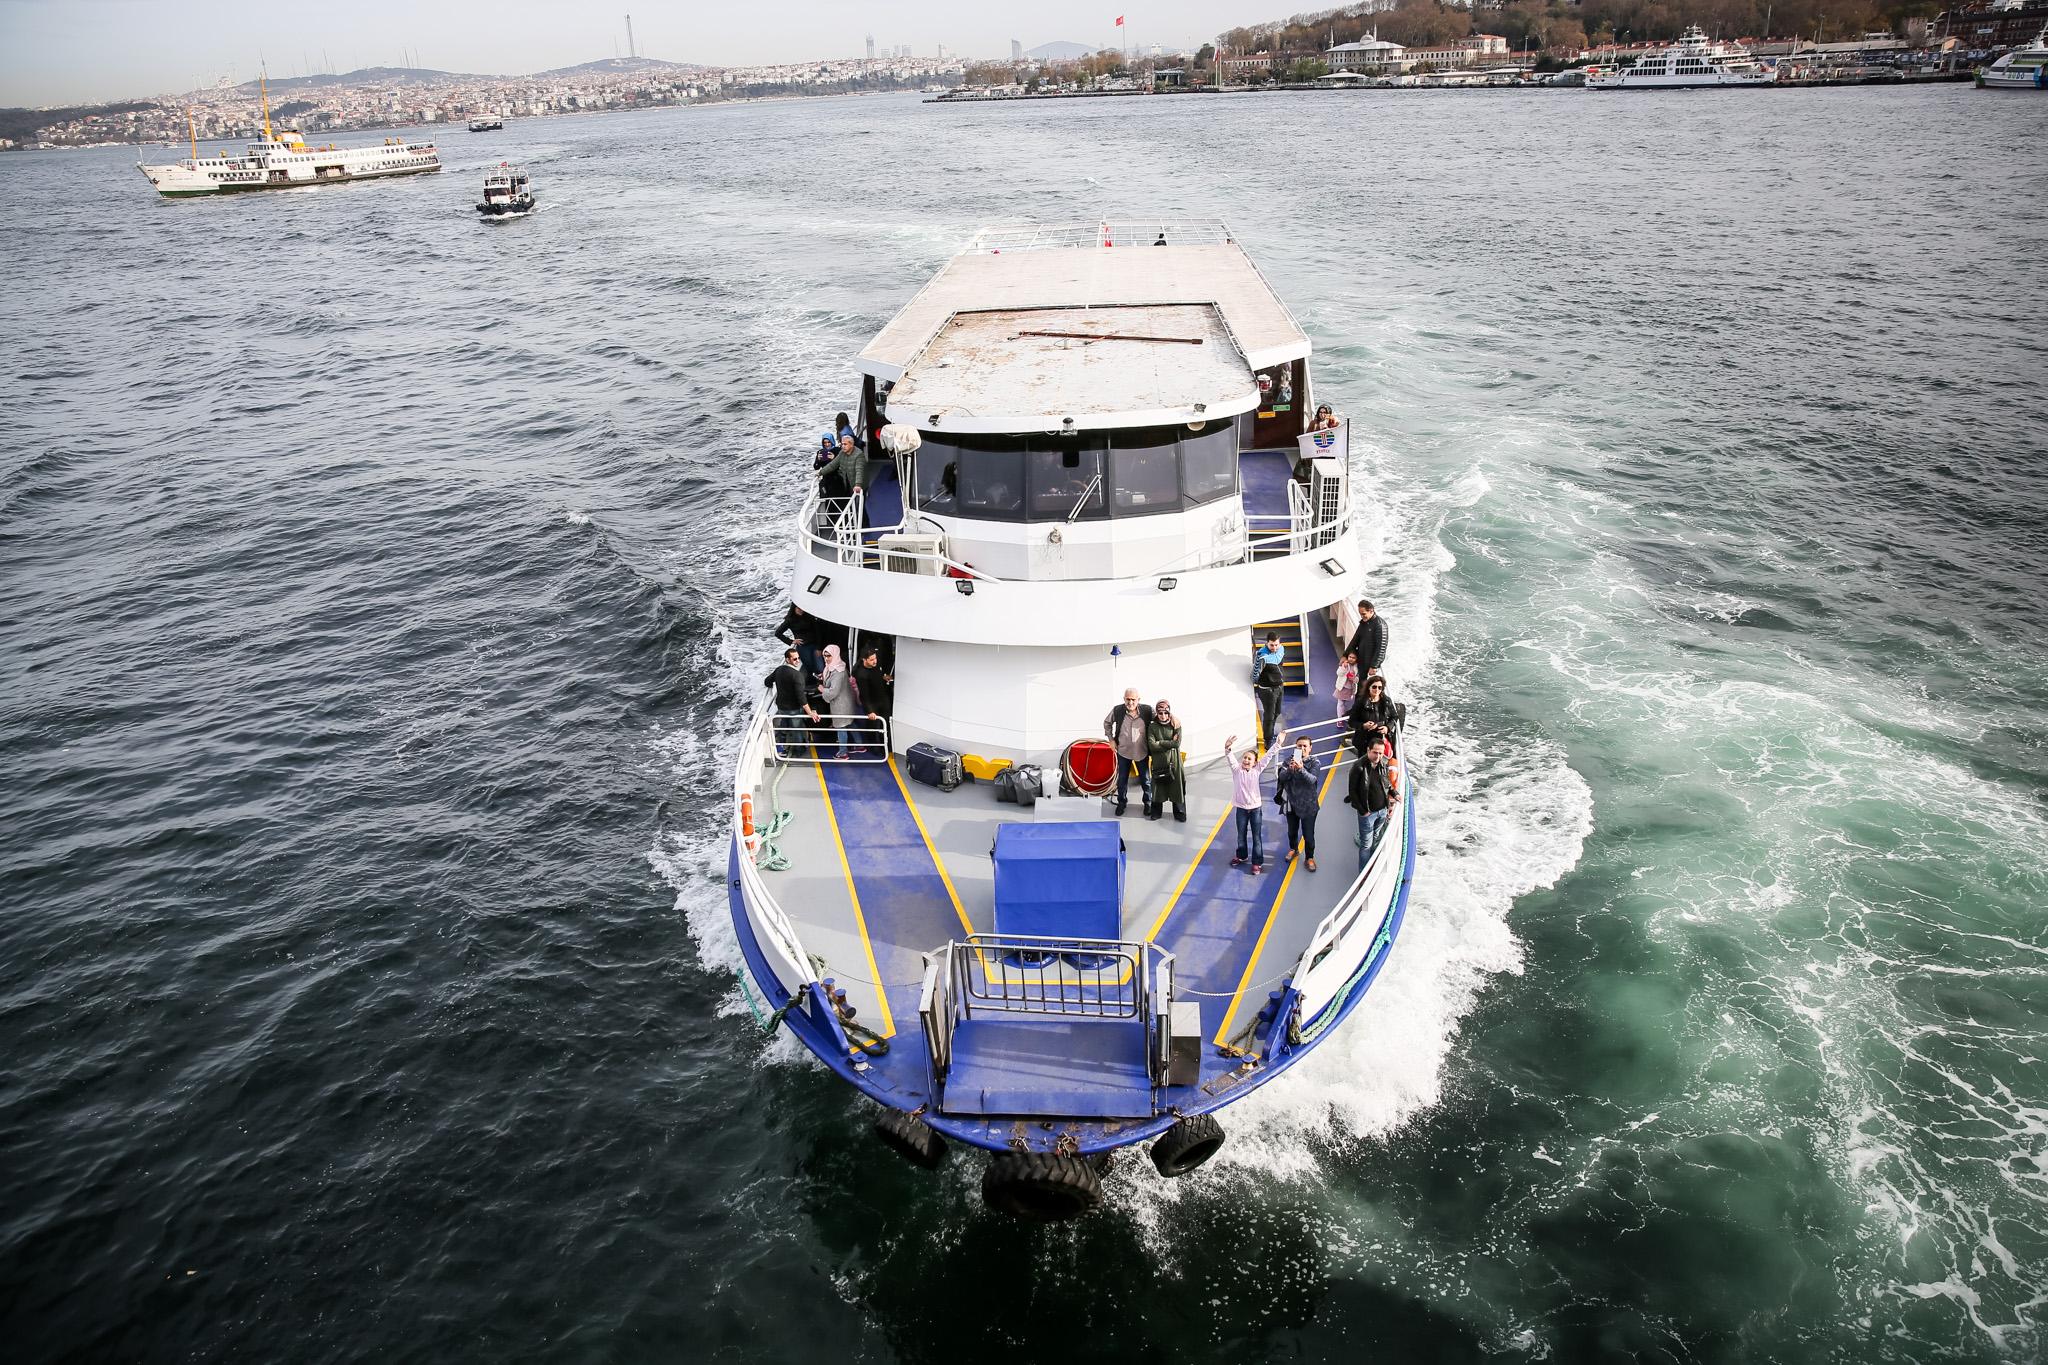 Stambul dalej 140 Jak podróżować po Turcji? Praktyczne wskazówki i porady